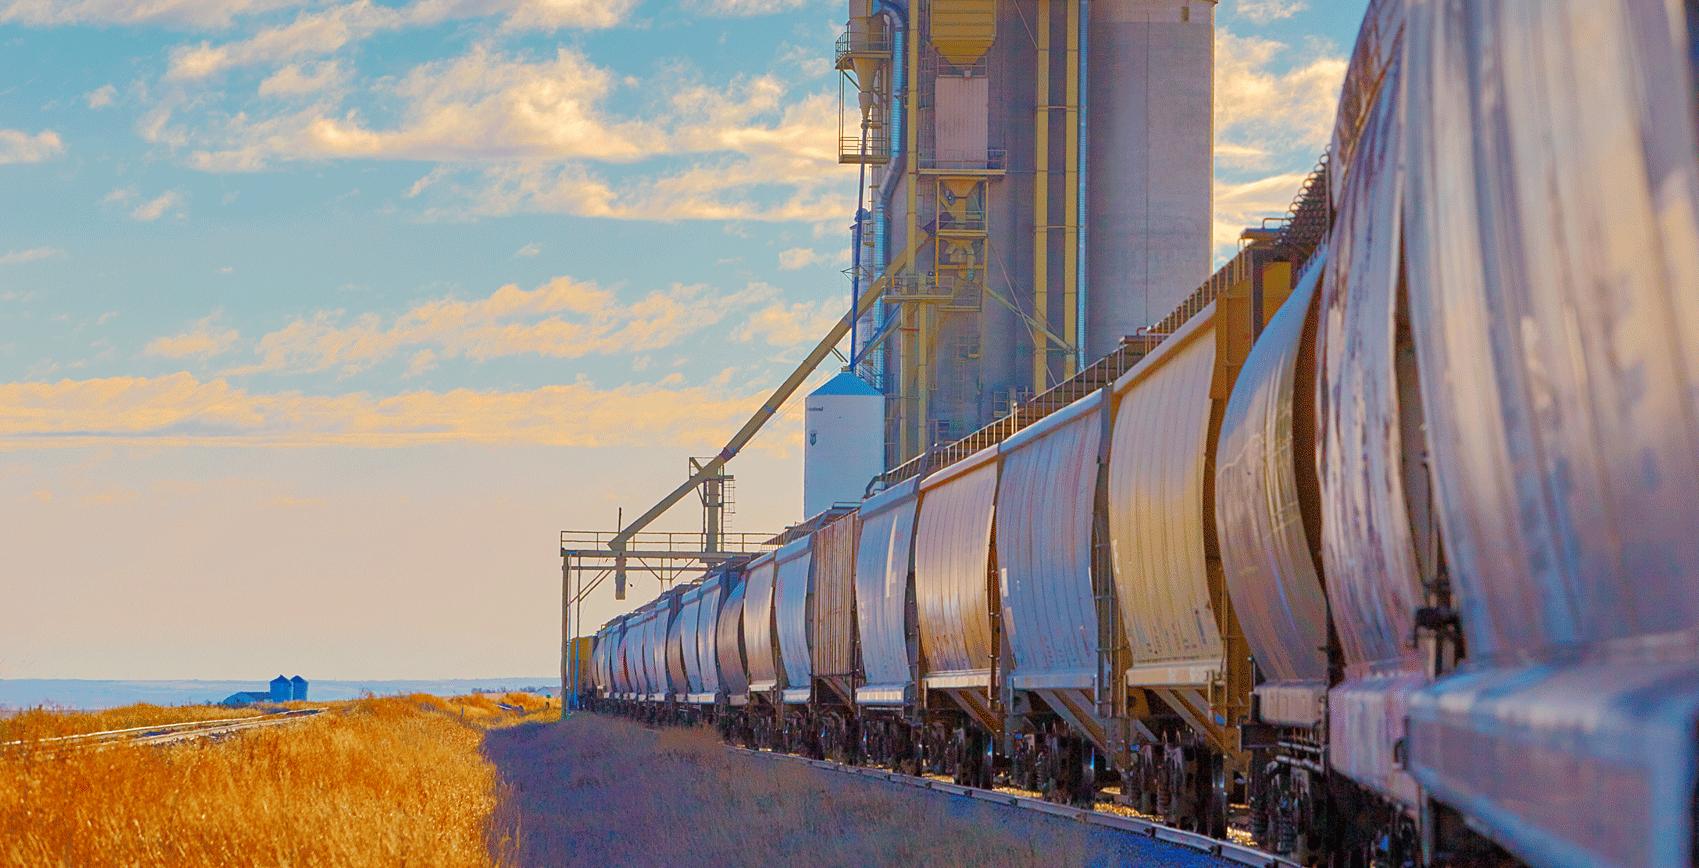 Train on a track next to a tall grain silo, running through a prairie.